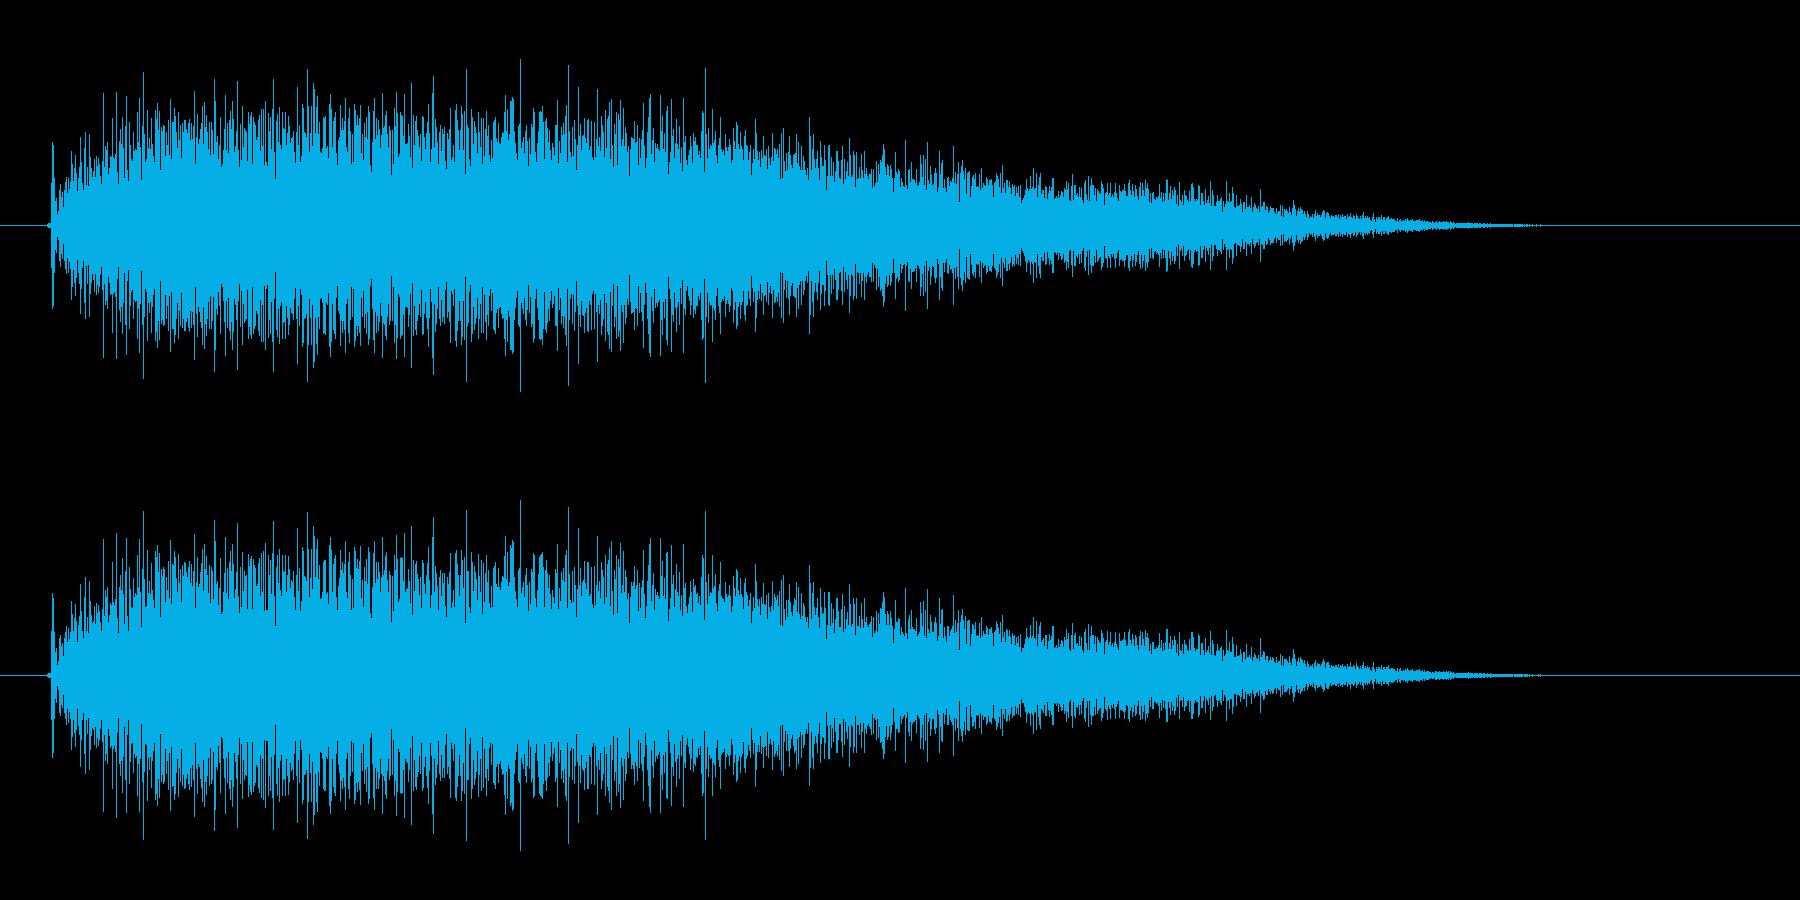 ジョワーーン(銅鑼の音)の再生済みの波形